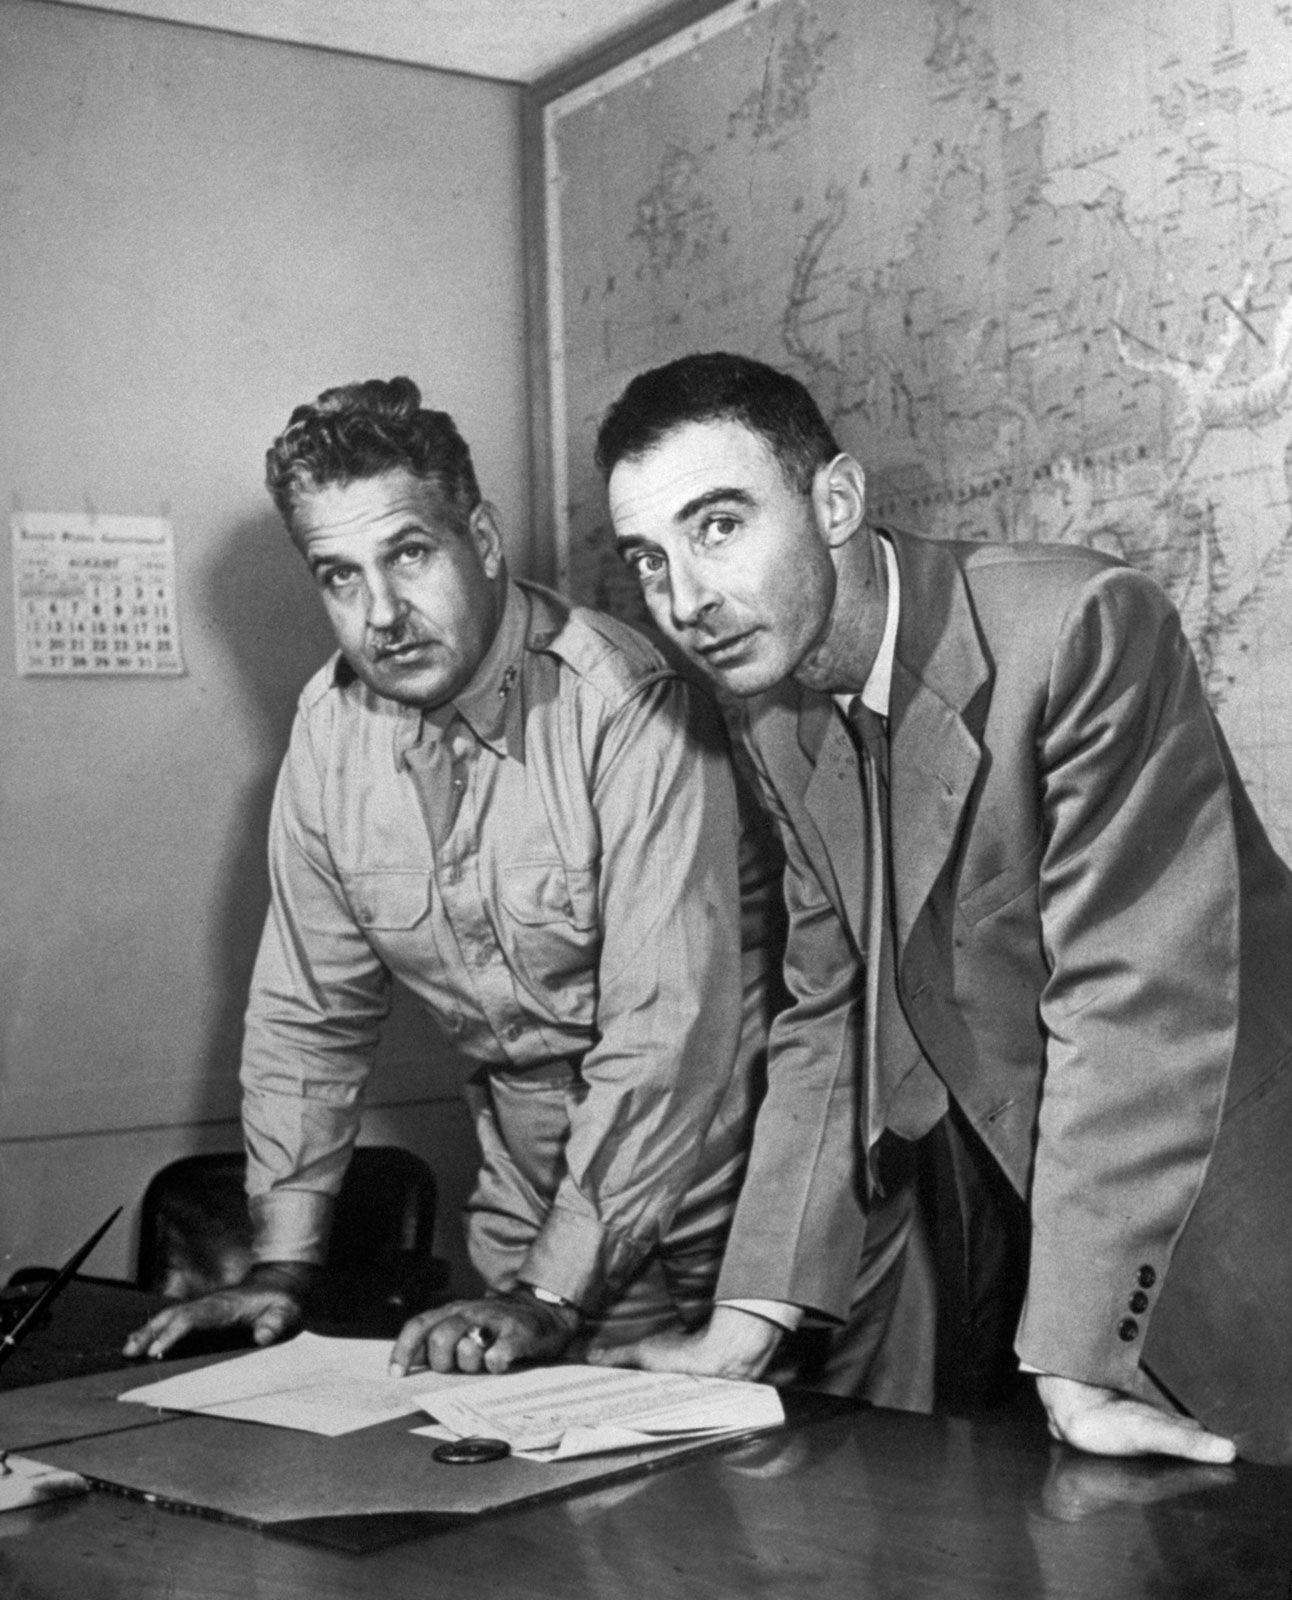 Brig Gen Leslie R Groves And J Robert Oppenheimer